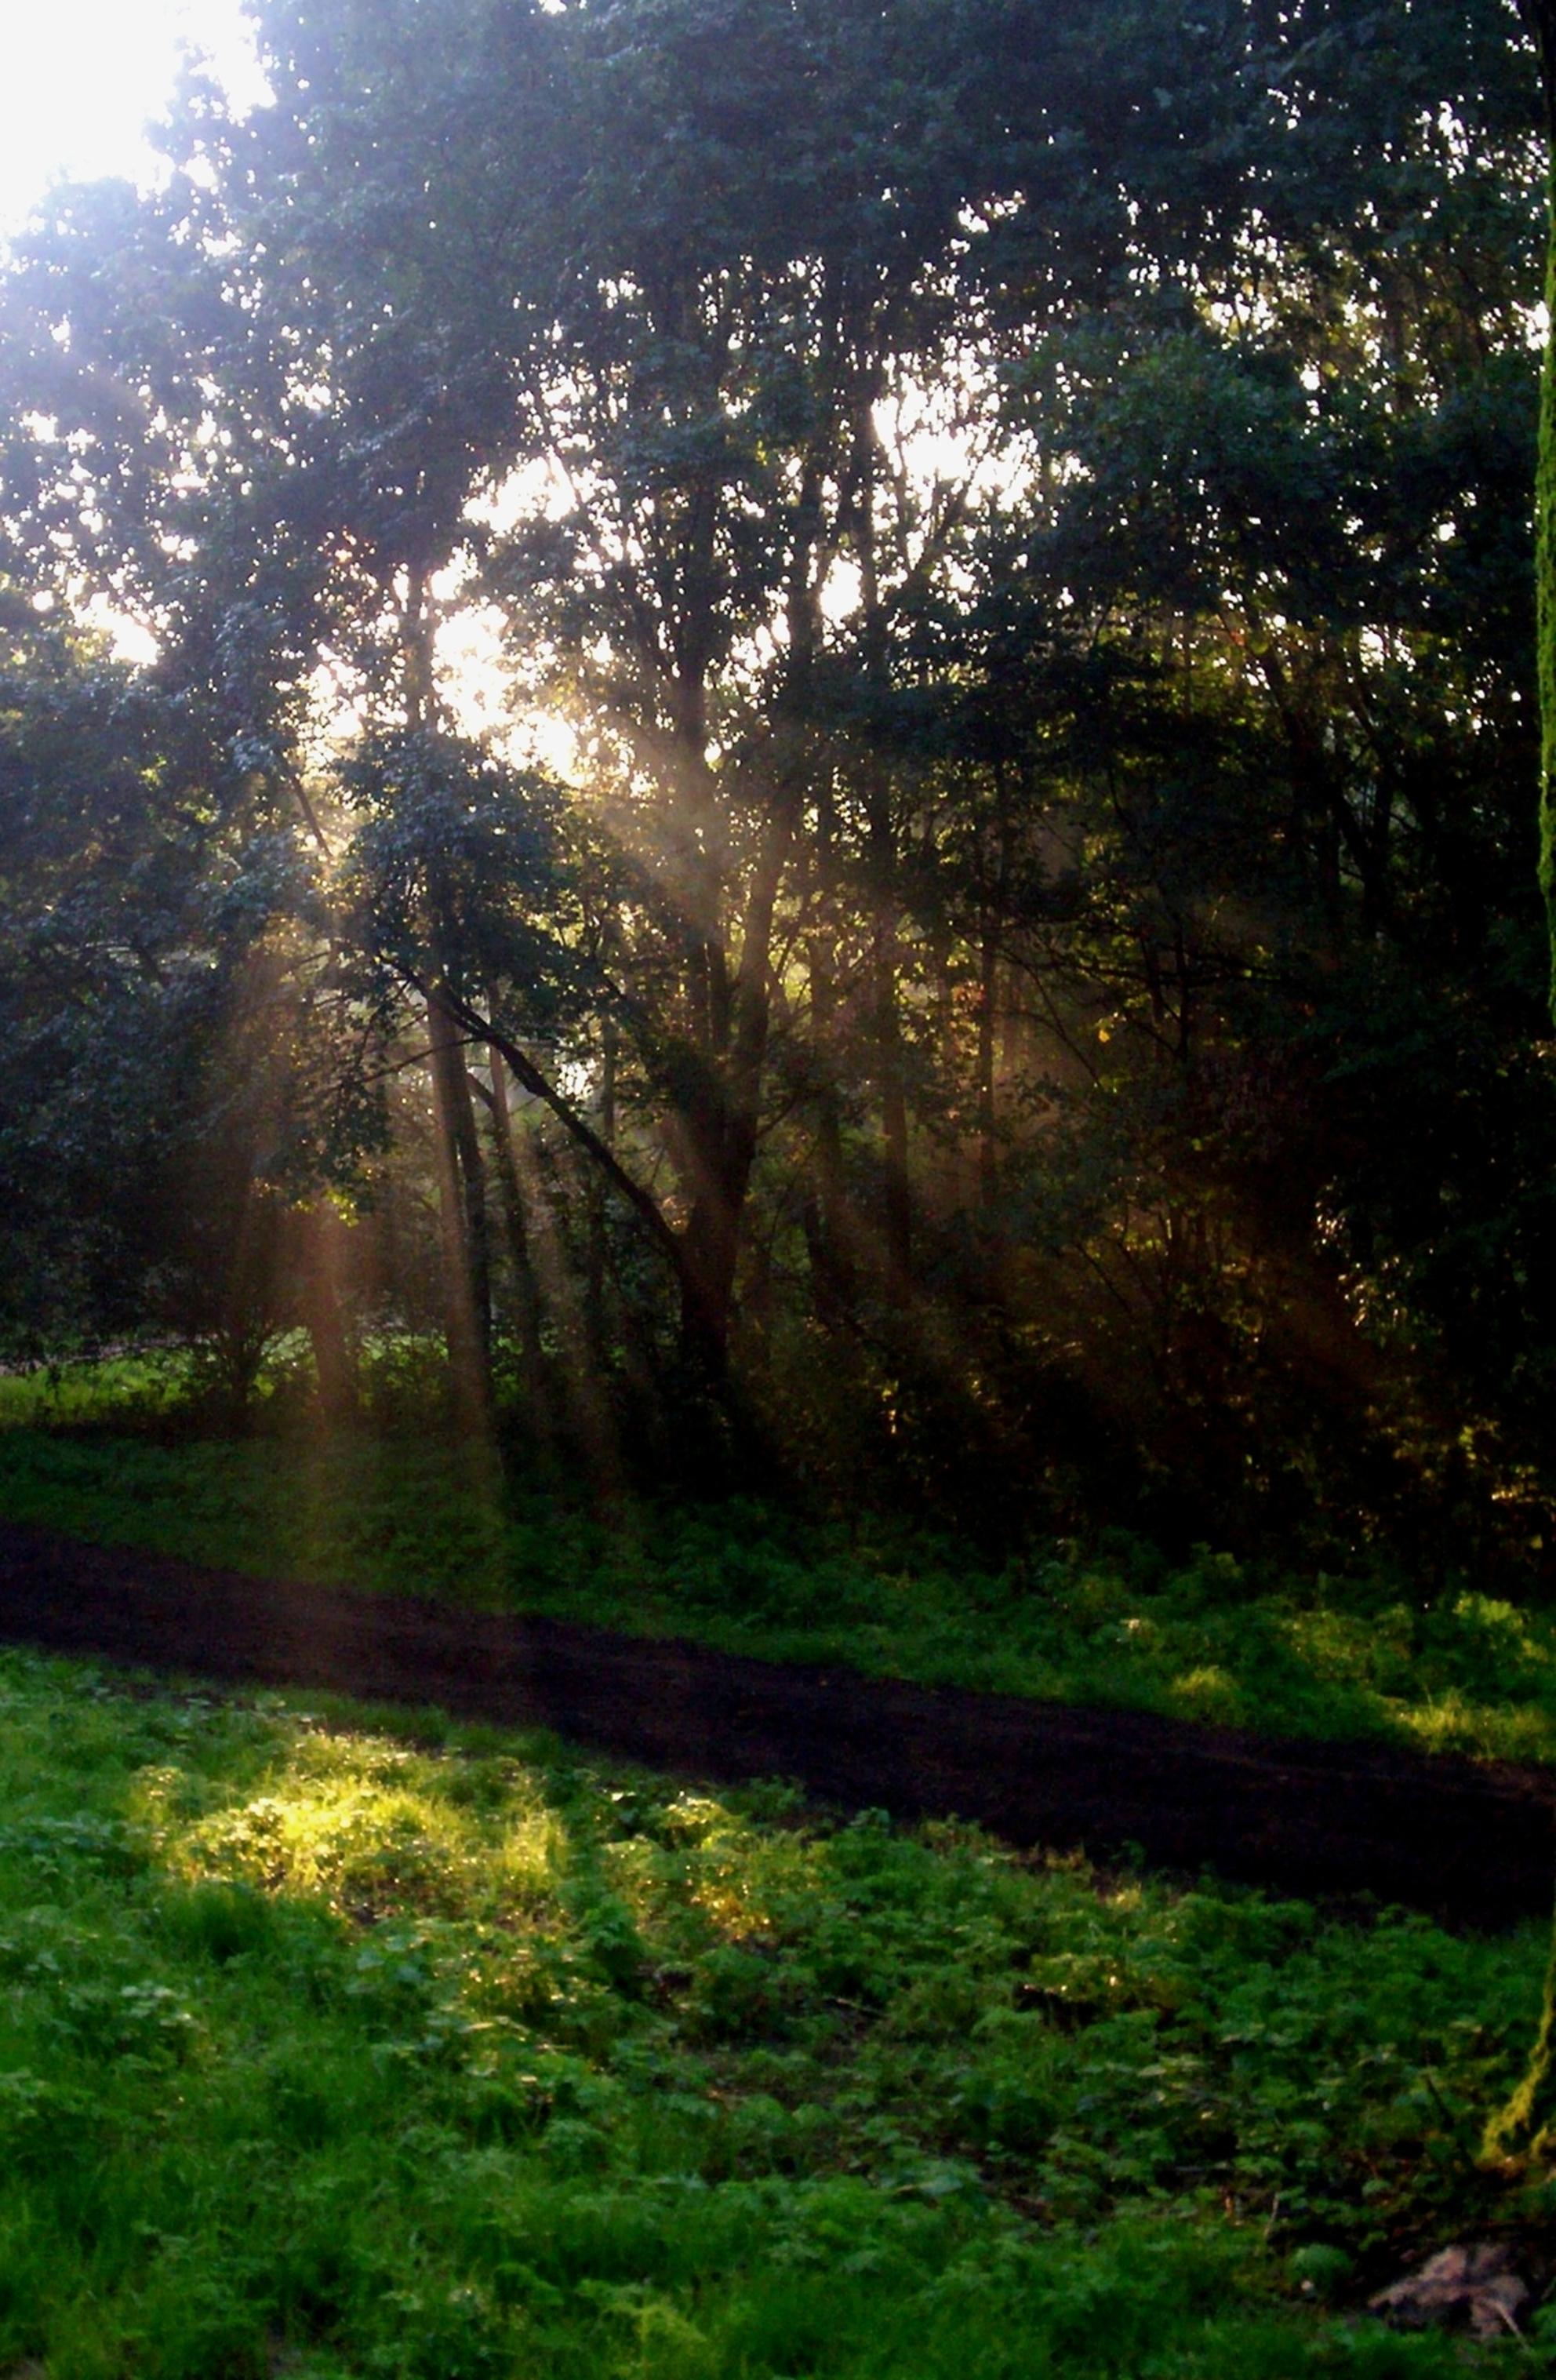 Golden rays - Wanneer het licht zo door de bomen komt in de ochtend... dan pas is het een mooie ochtend! - foto door CoonArt op 20-12-2018 - deze foto bevat: zon, lente, licht, landschap, zomer, voorjaar - Deze foto mag gebruikt worden in een Zoom.nl publicatie